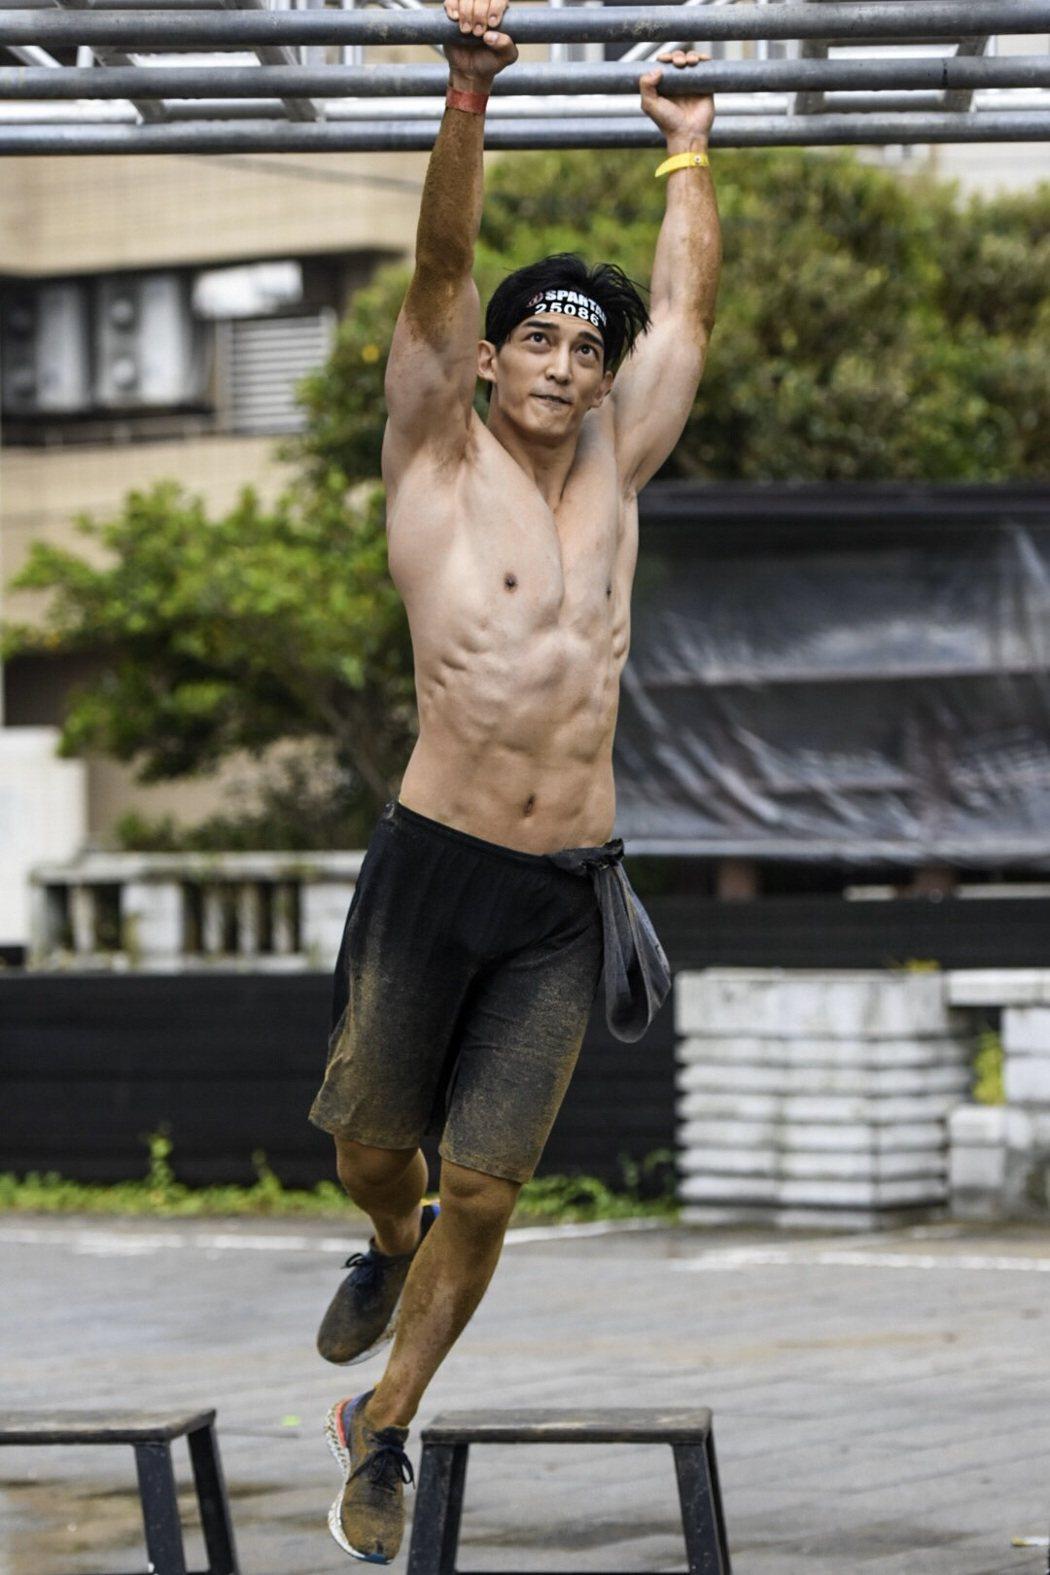 王家梁參加斯巴達障礙跑競賽,展現驚人肌耐力。圖/寬魚國際提供